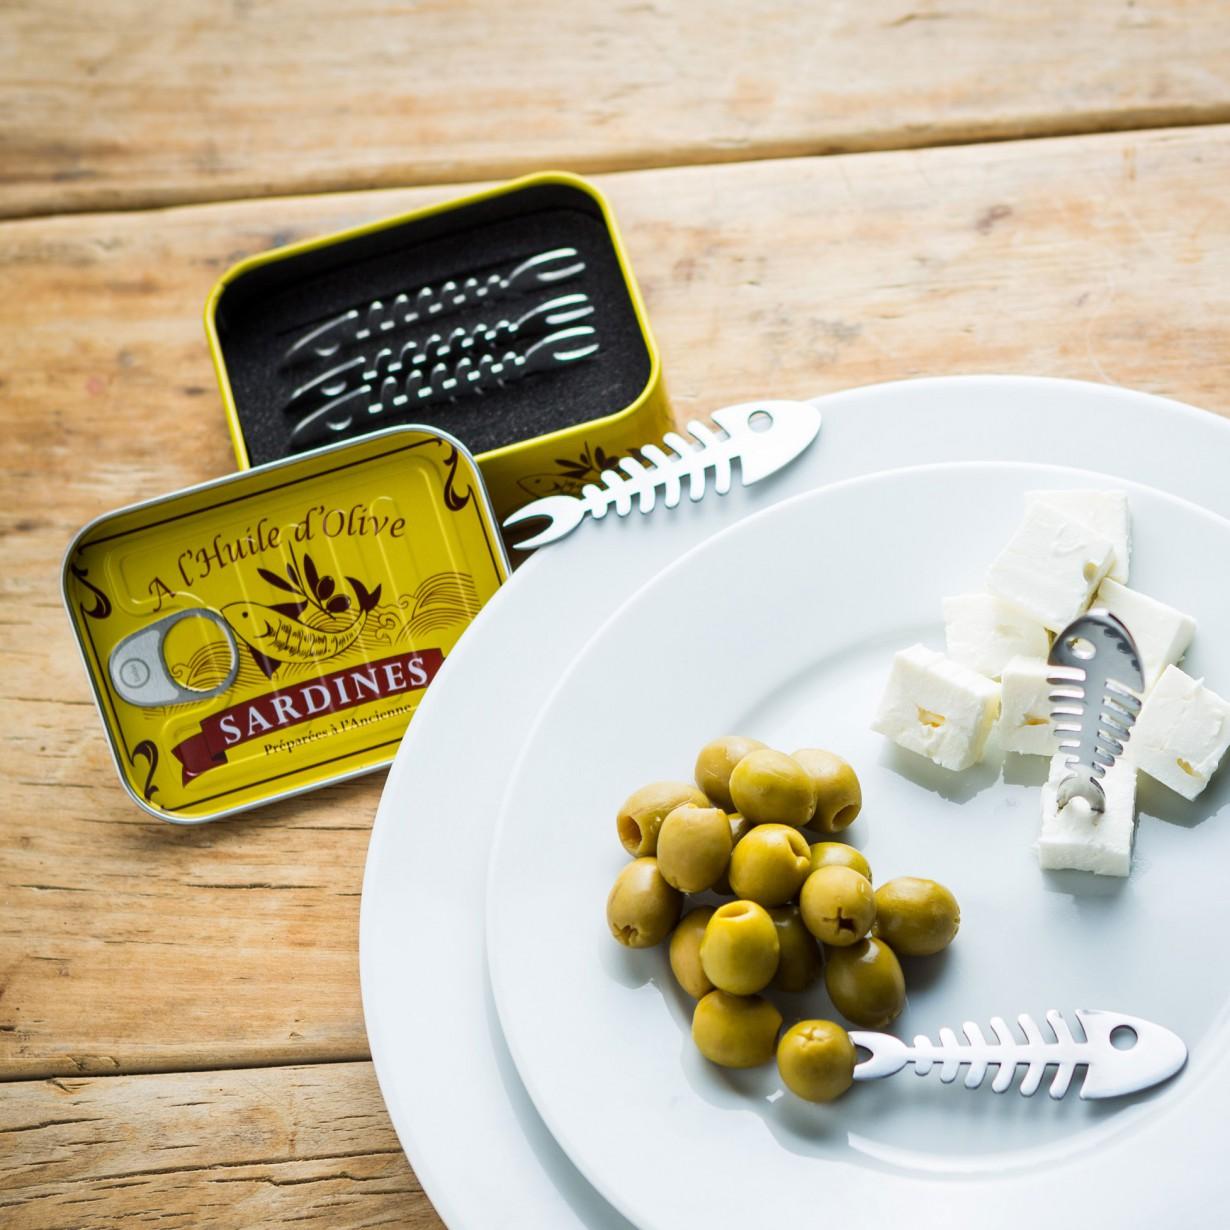 snack-piekser-sardinen-6er-set-23d